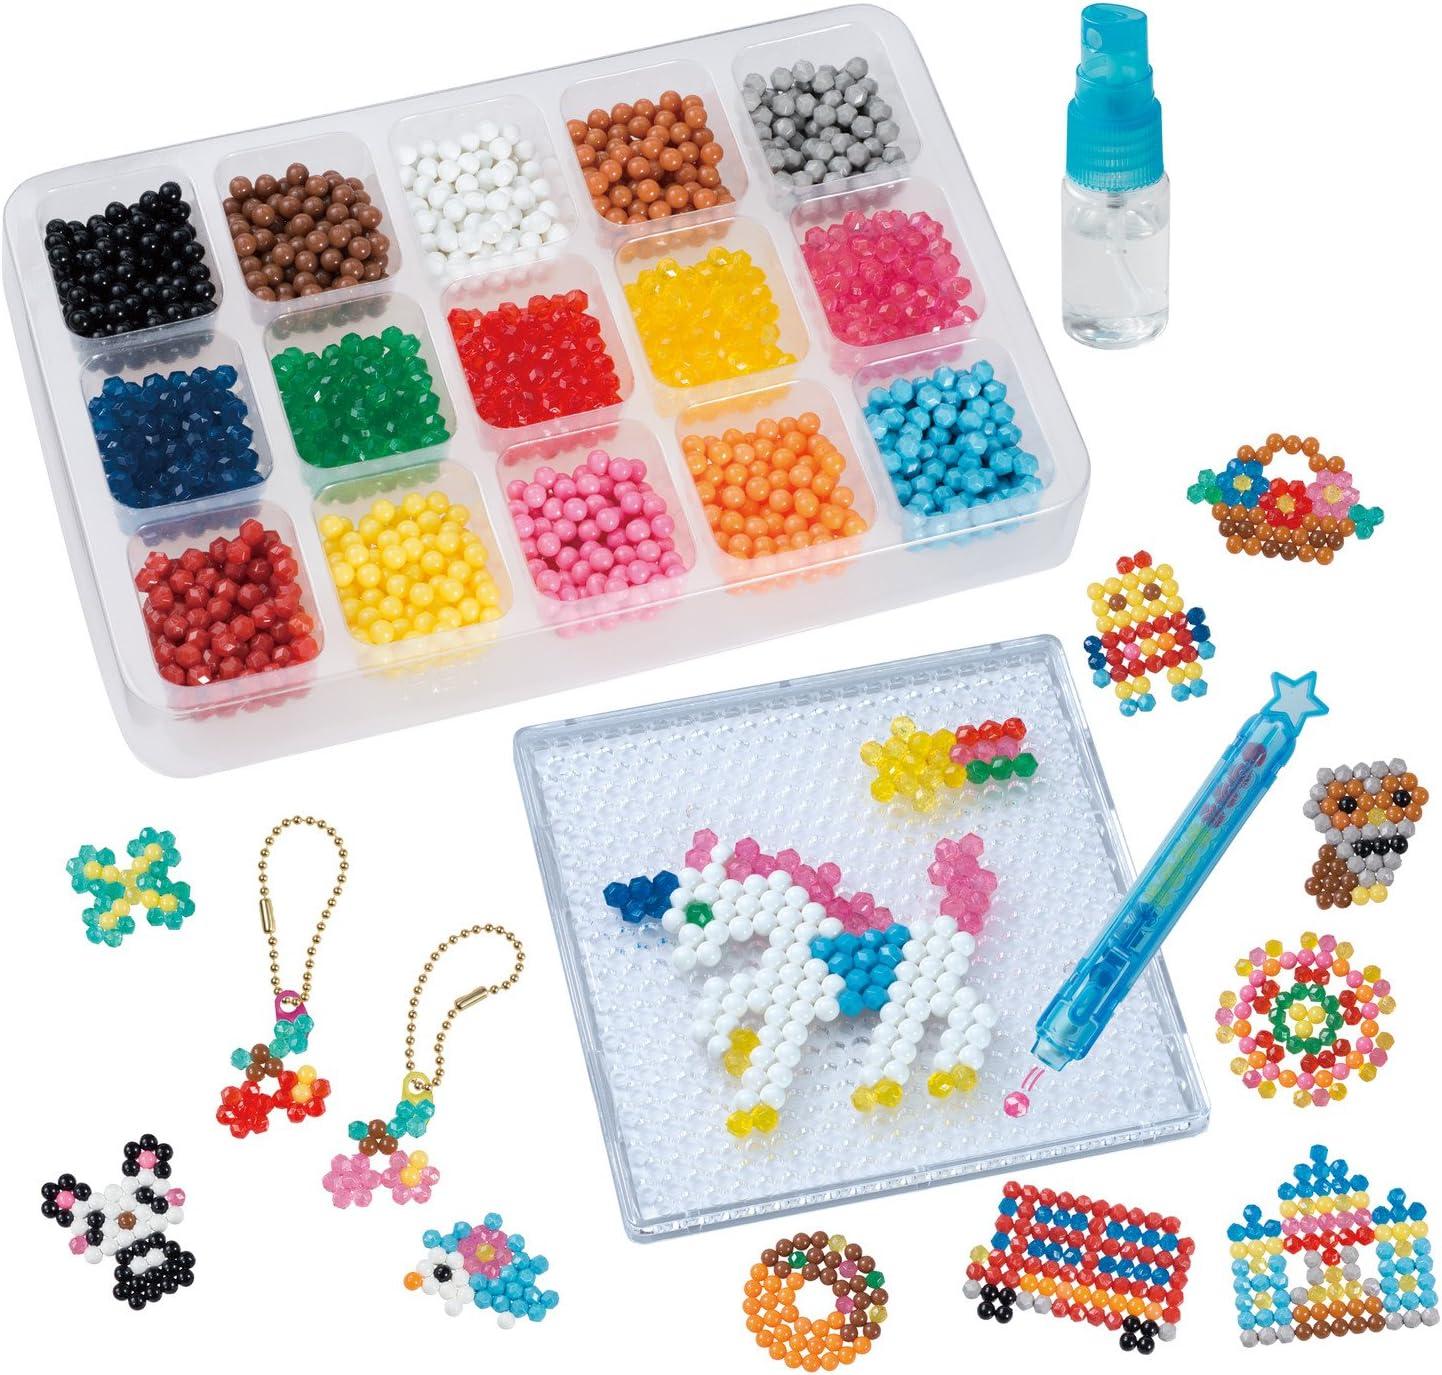 Aquabeads Designer Collection Set Juego de colección de diseñador, multicolor (AB31058) , color/modelo surtido: Amazon.es: Juguetes y juegos